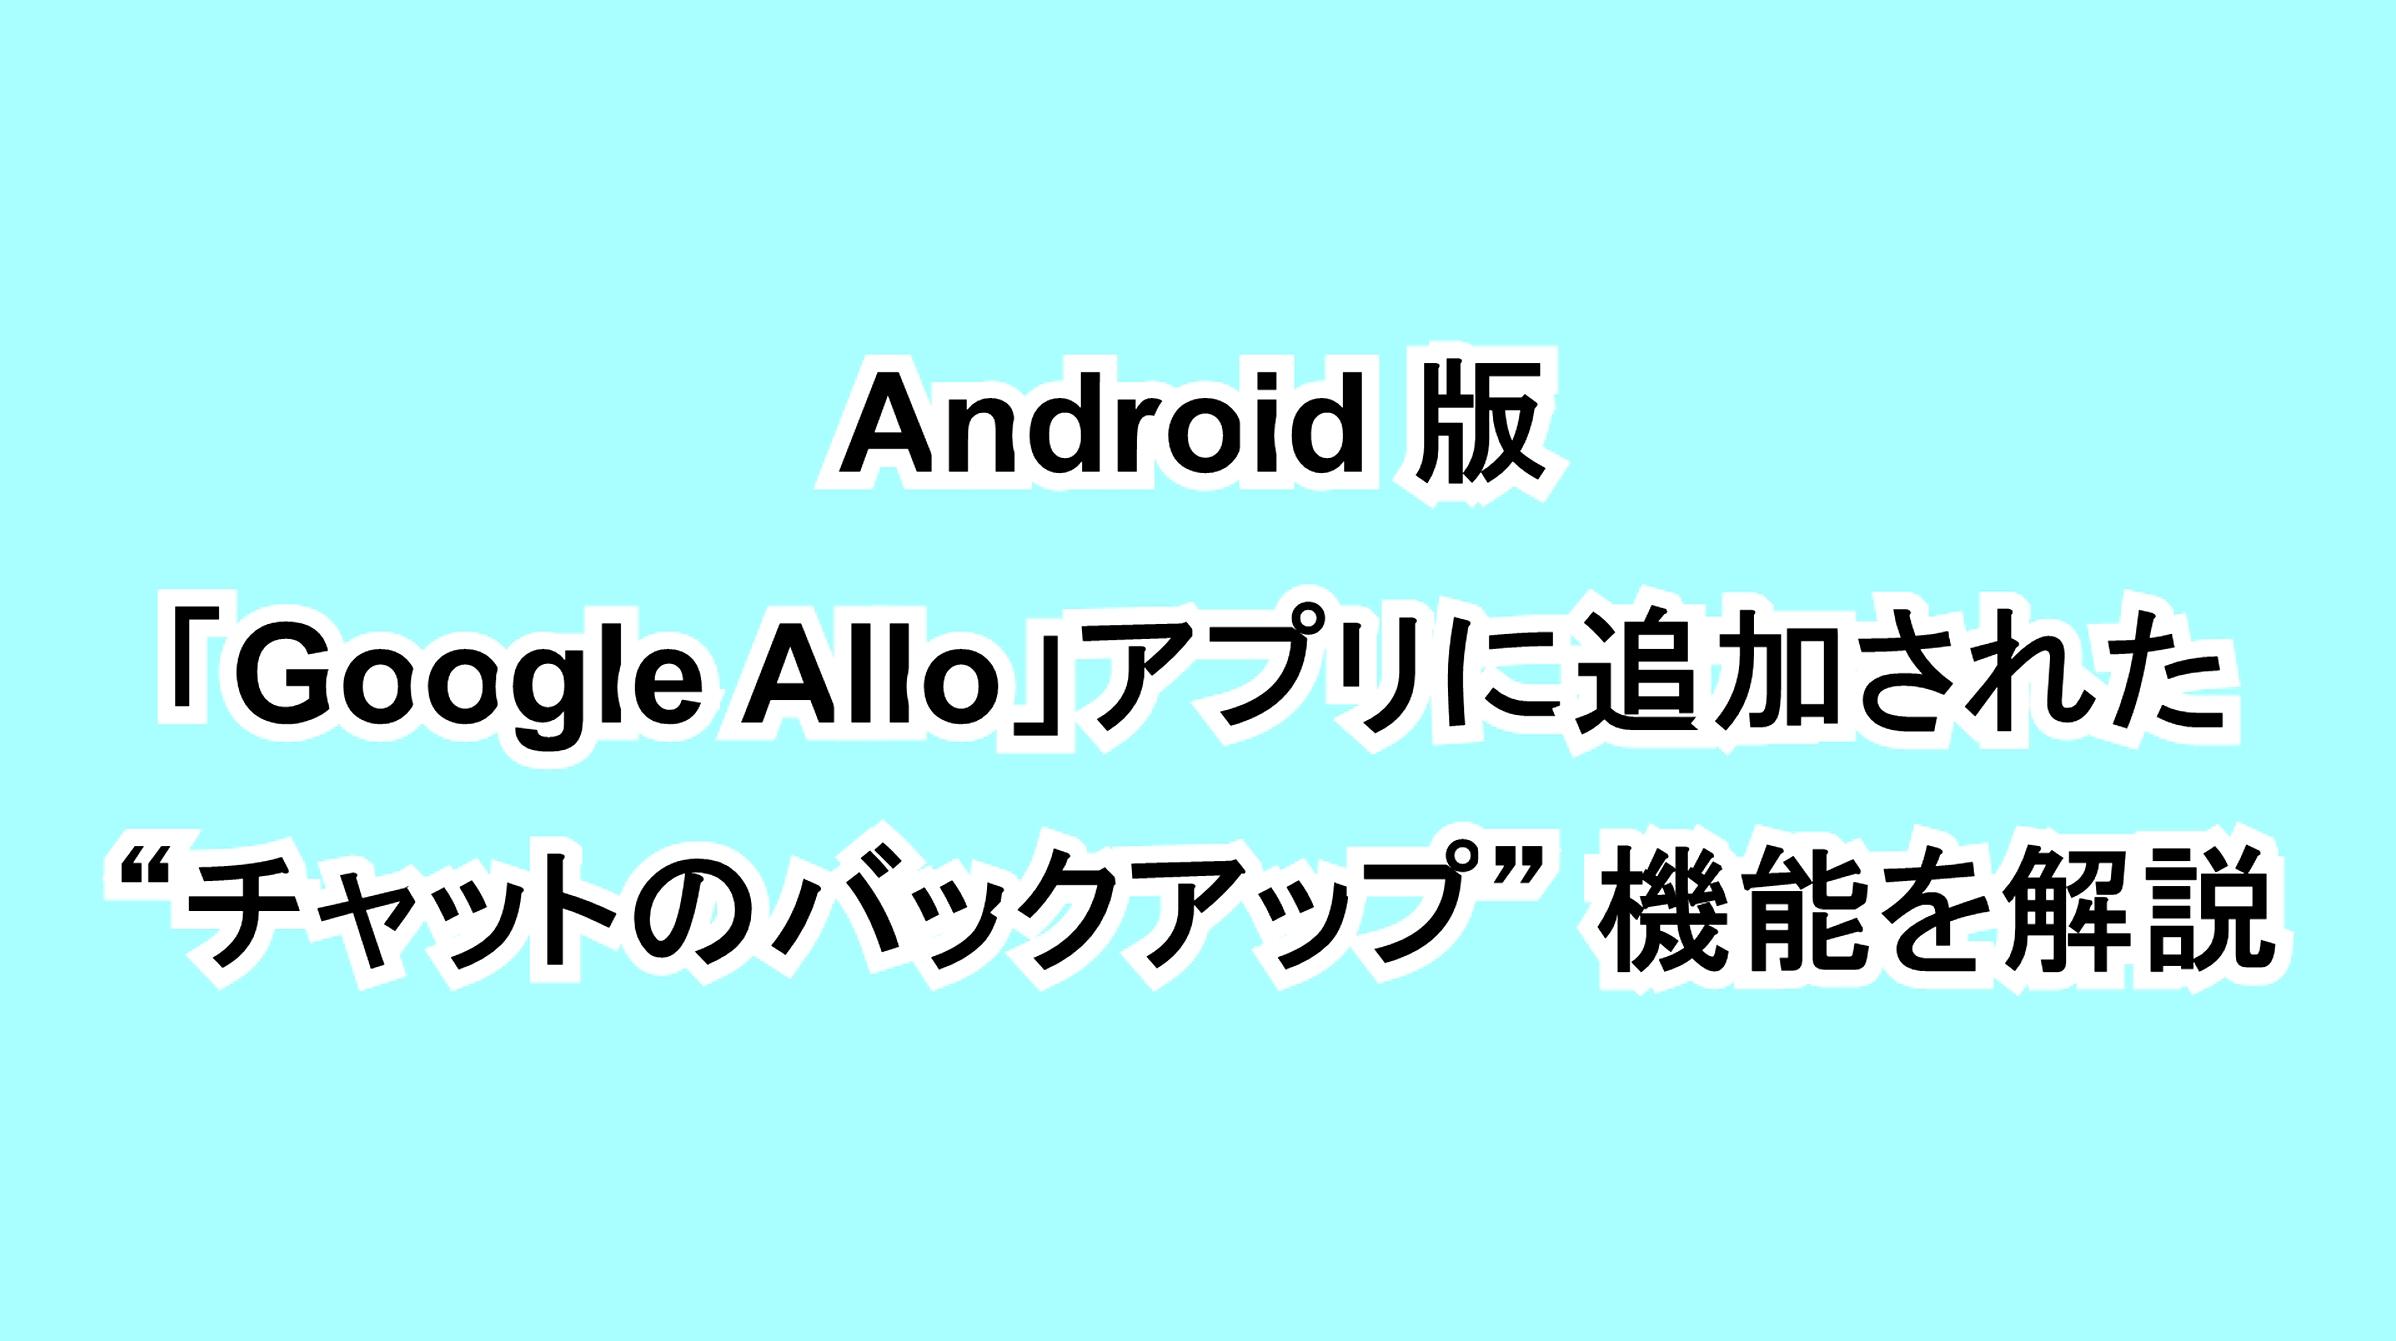 """Android版「Google Allo」アプリに追加された""""チャットのバックアップ""""機能を解説"""